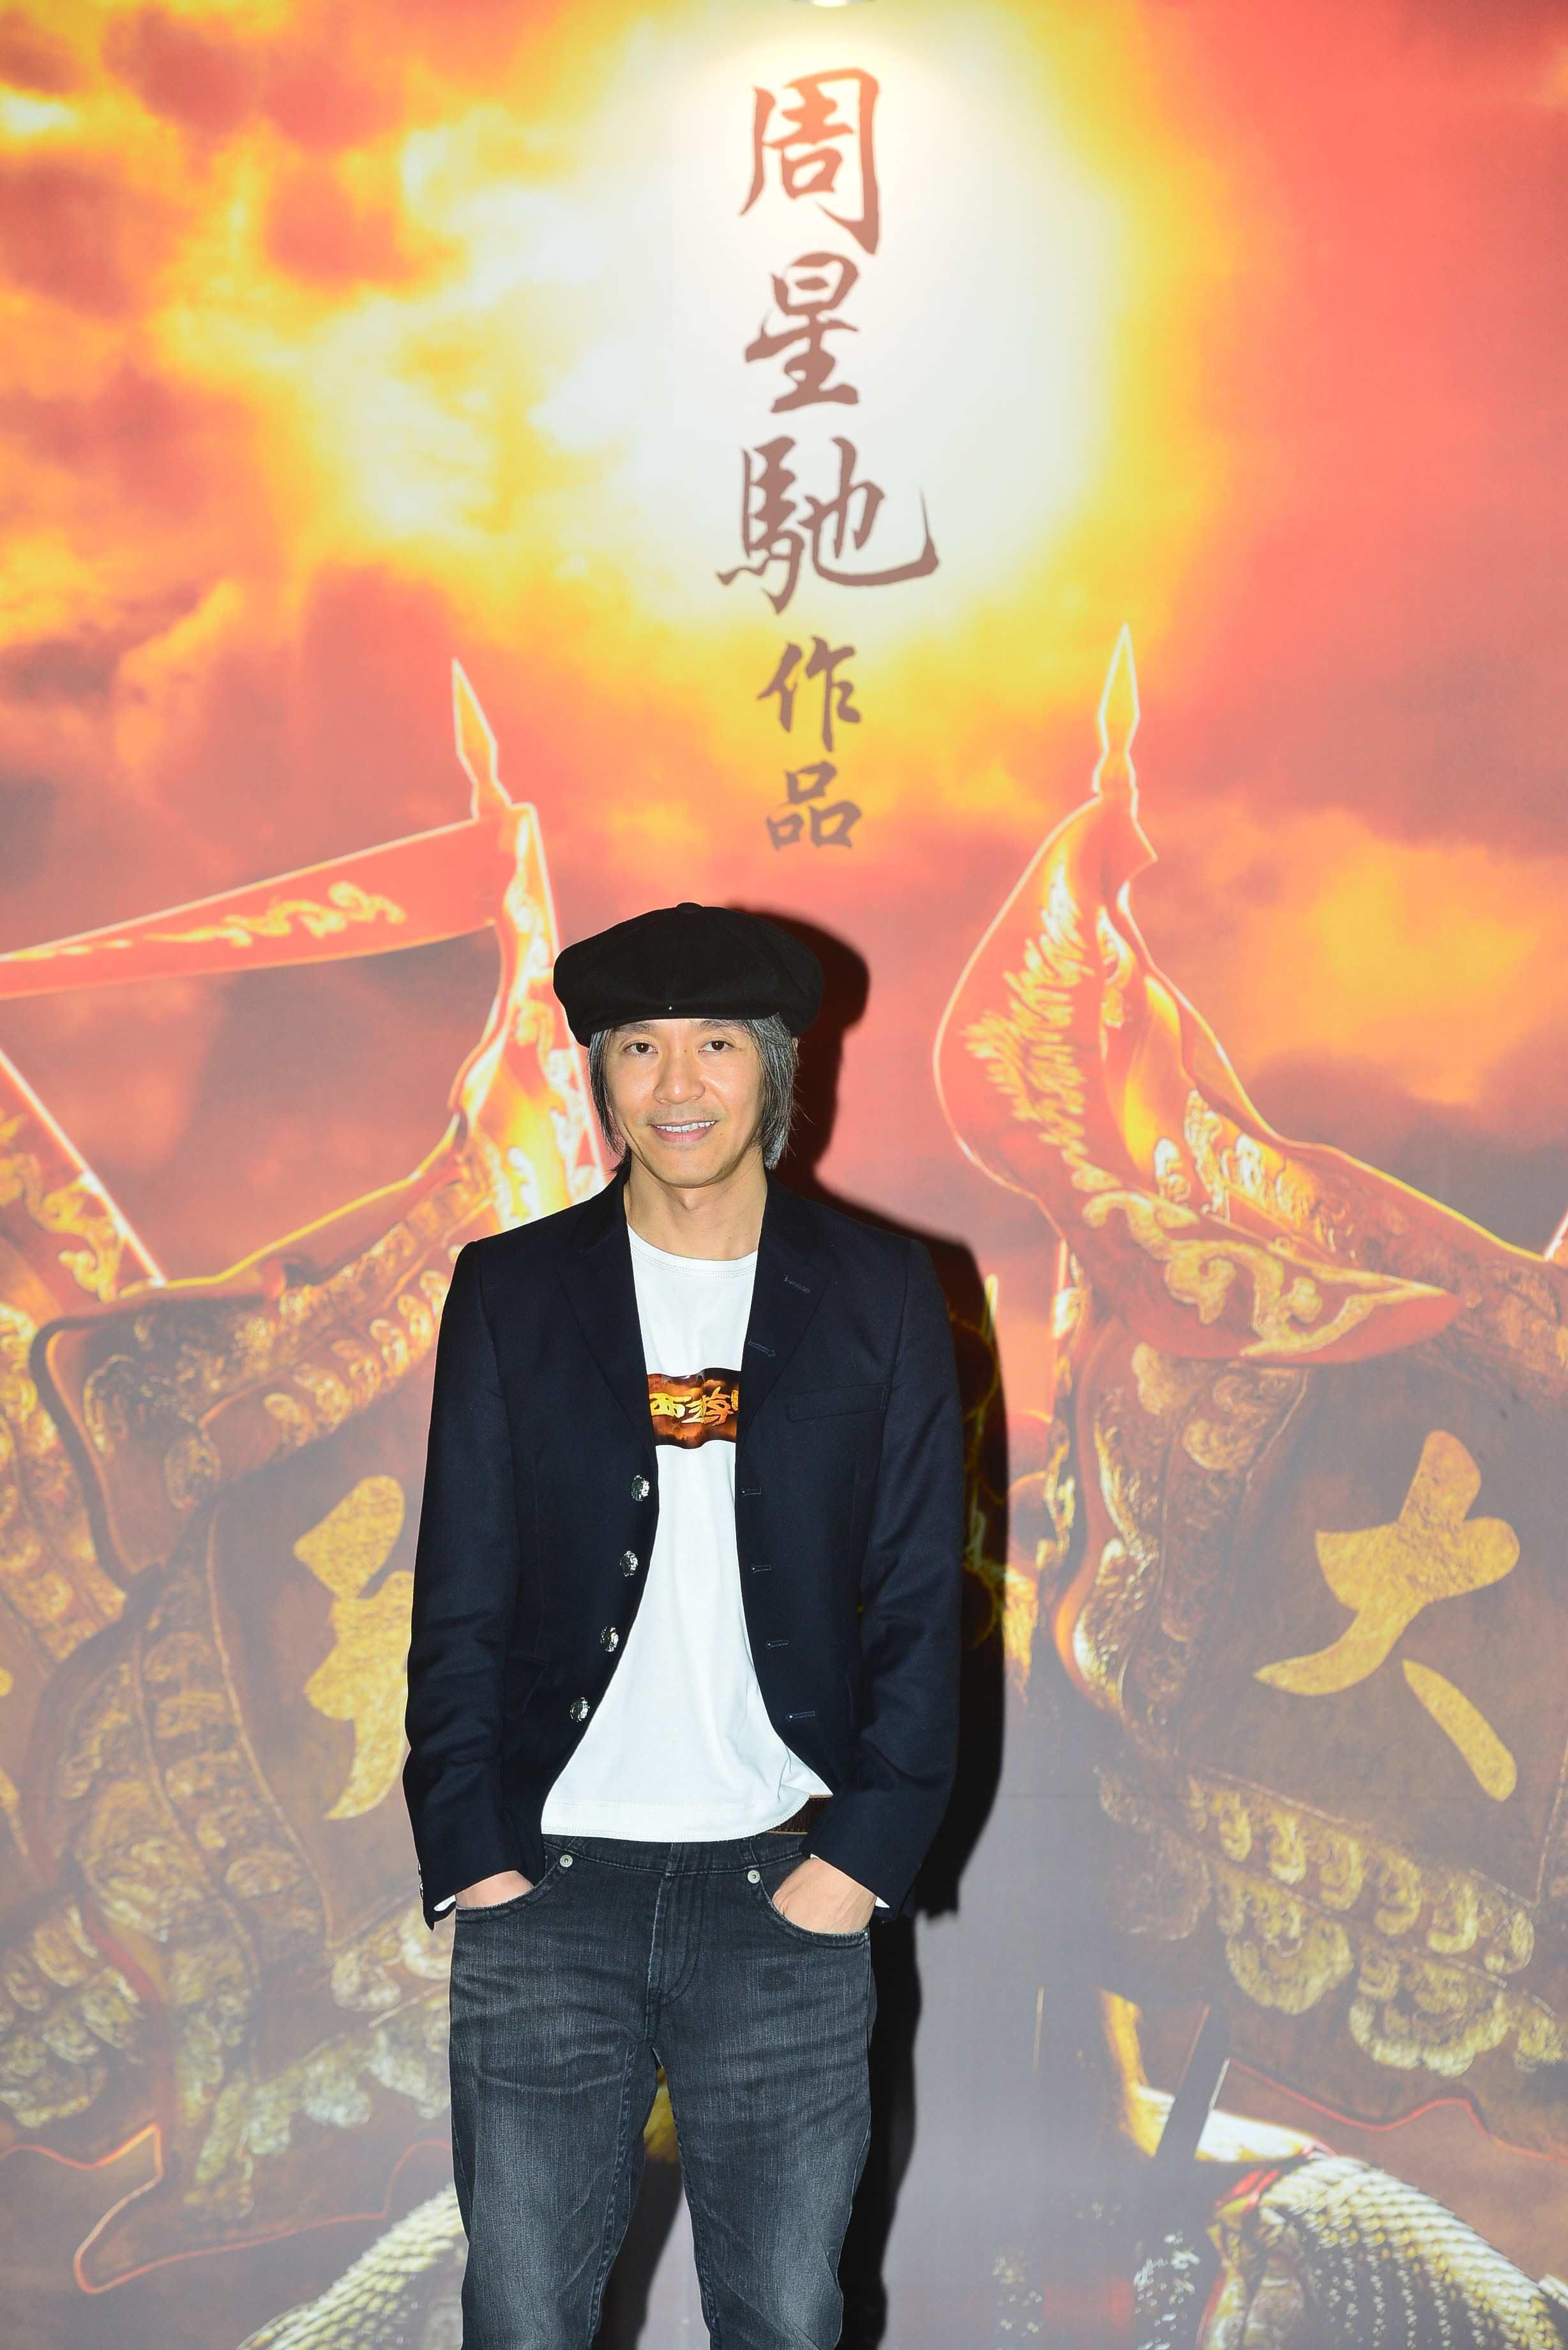 郭子健跟周星馳聯合導演《西遊‧降魔篇》,但宣傳海報只寫着「周星馳作品」。